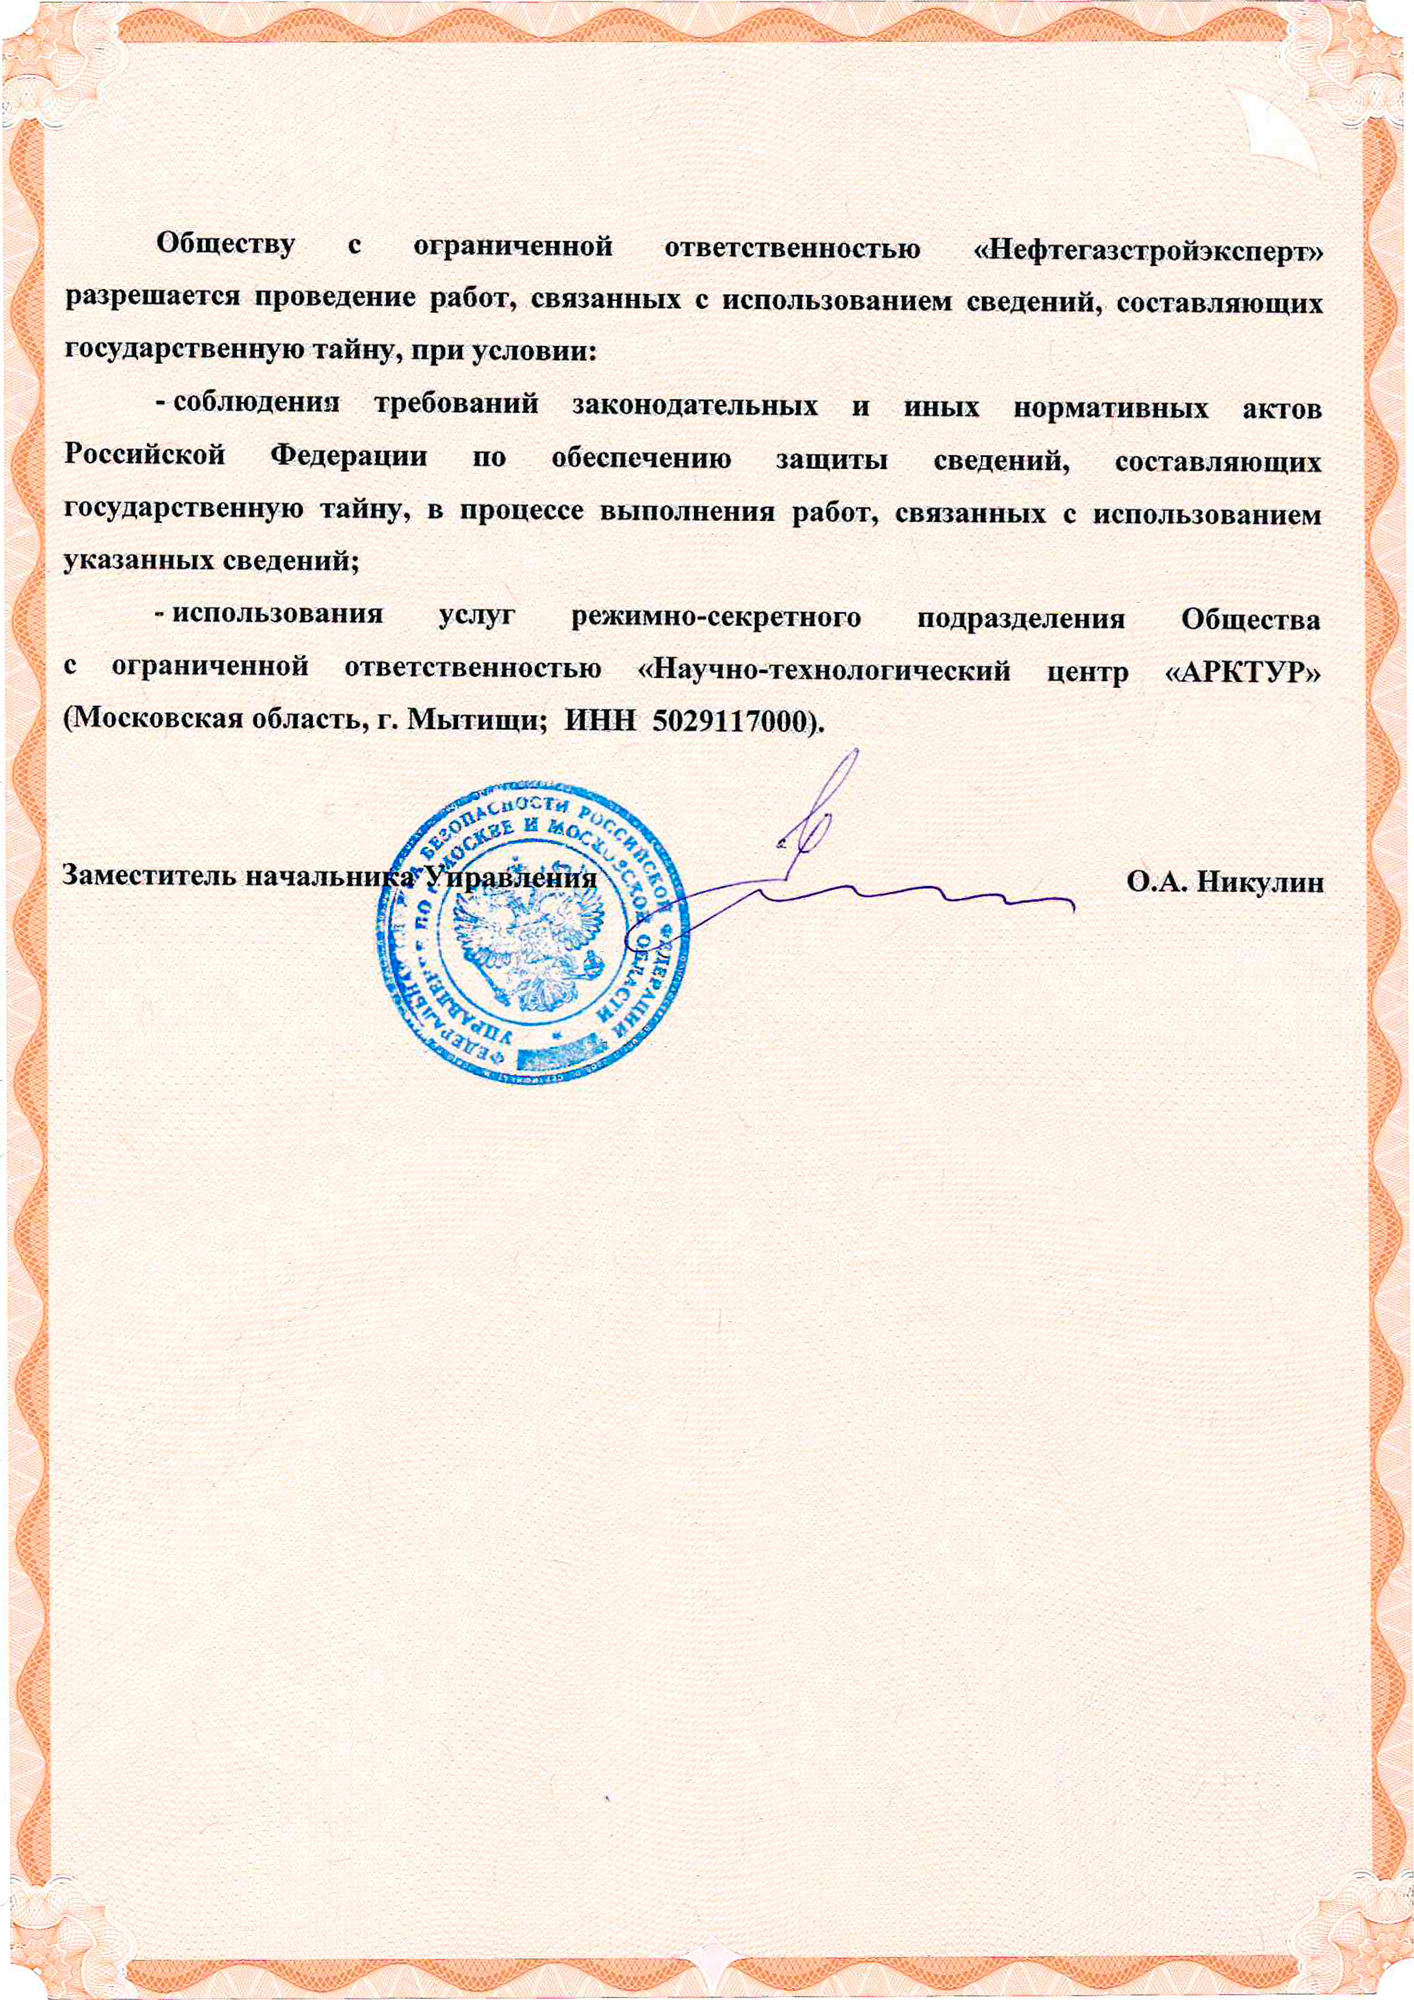 Лицензия на проведение работ, связанных с использованием сведений, составляющих государственную тайну - 2 стр.